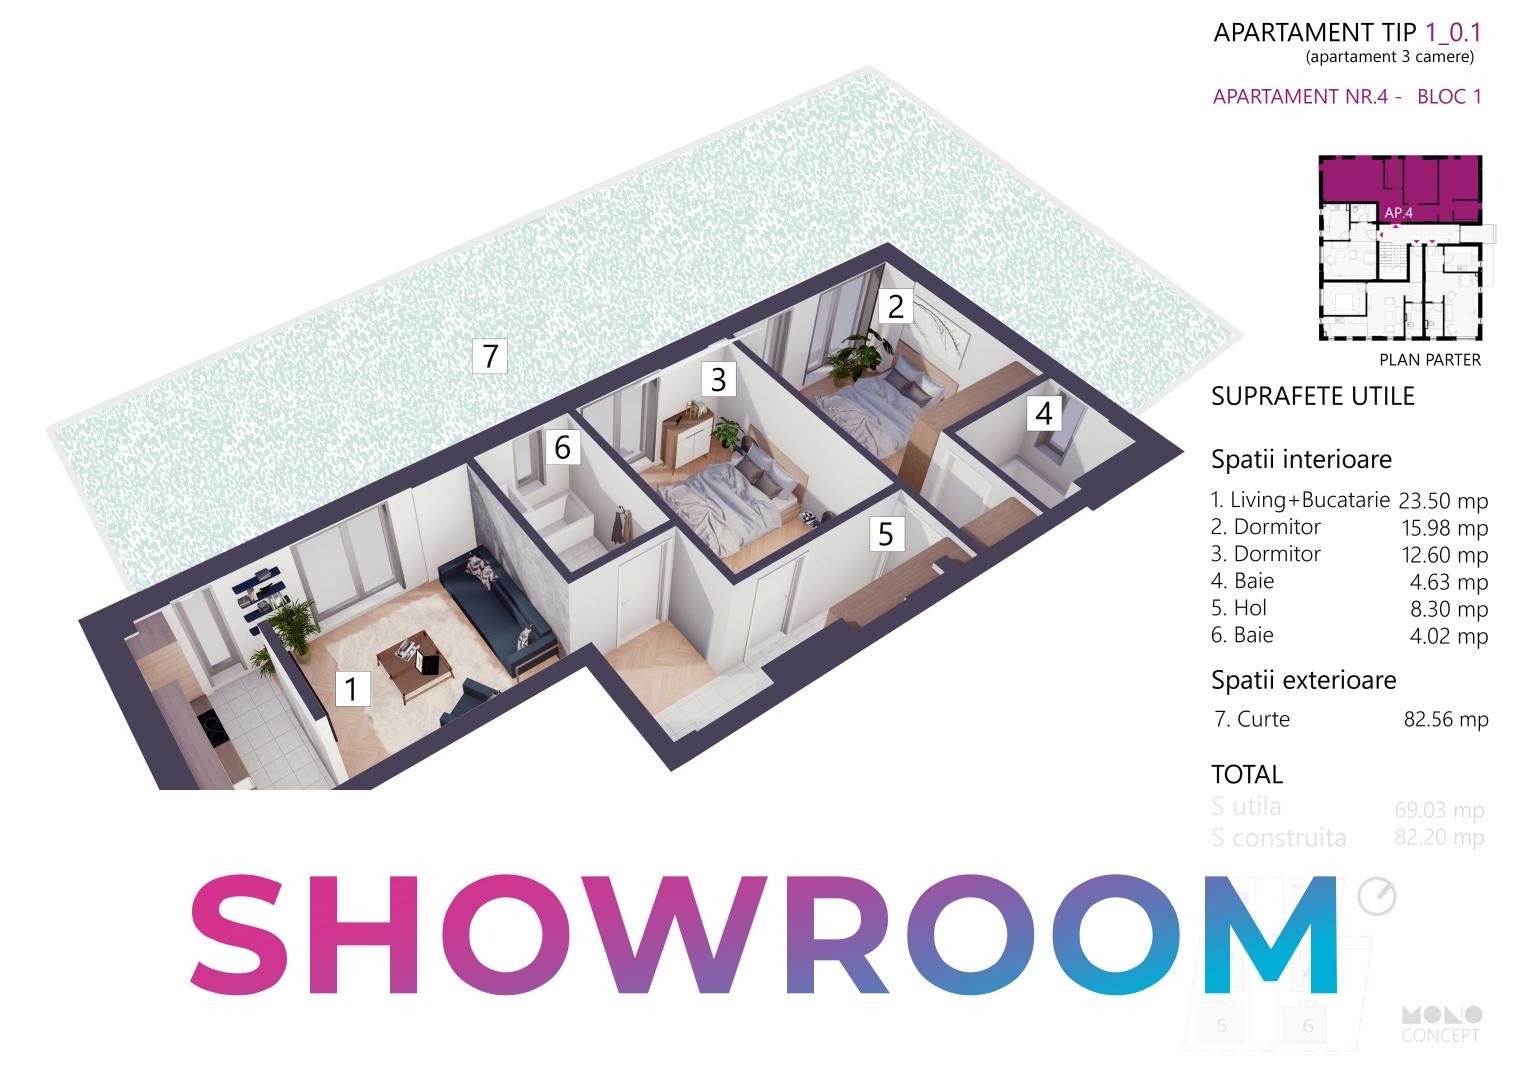 Showroom | Apartament 3 Camere Tip A Parter Bloc 1